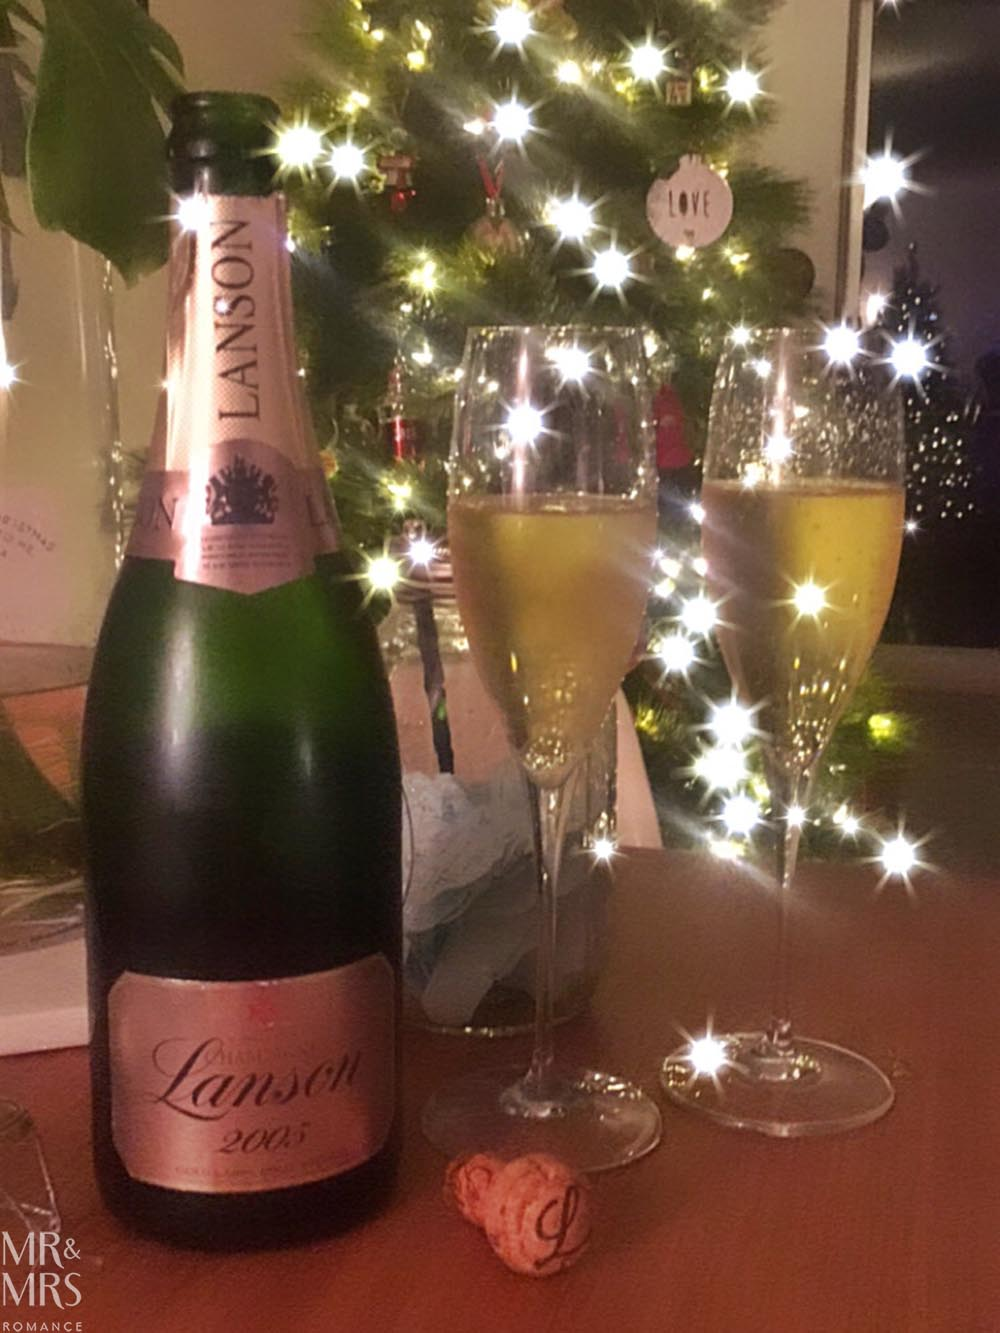 Lanson Champagne NYE